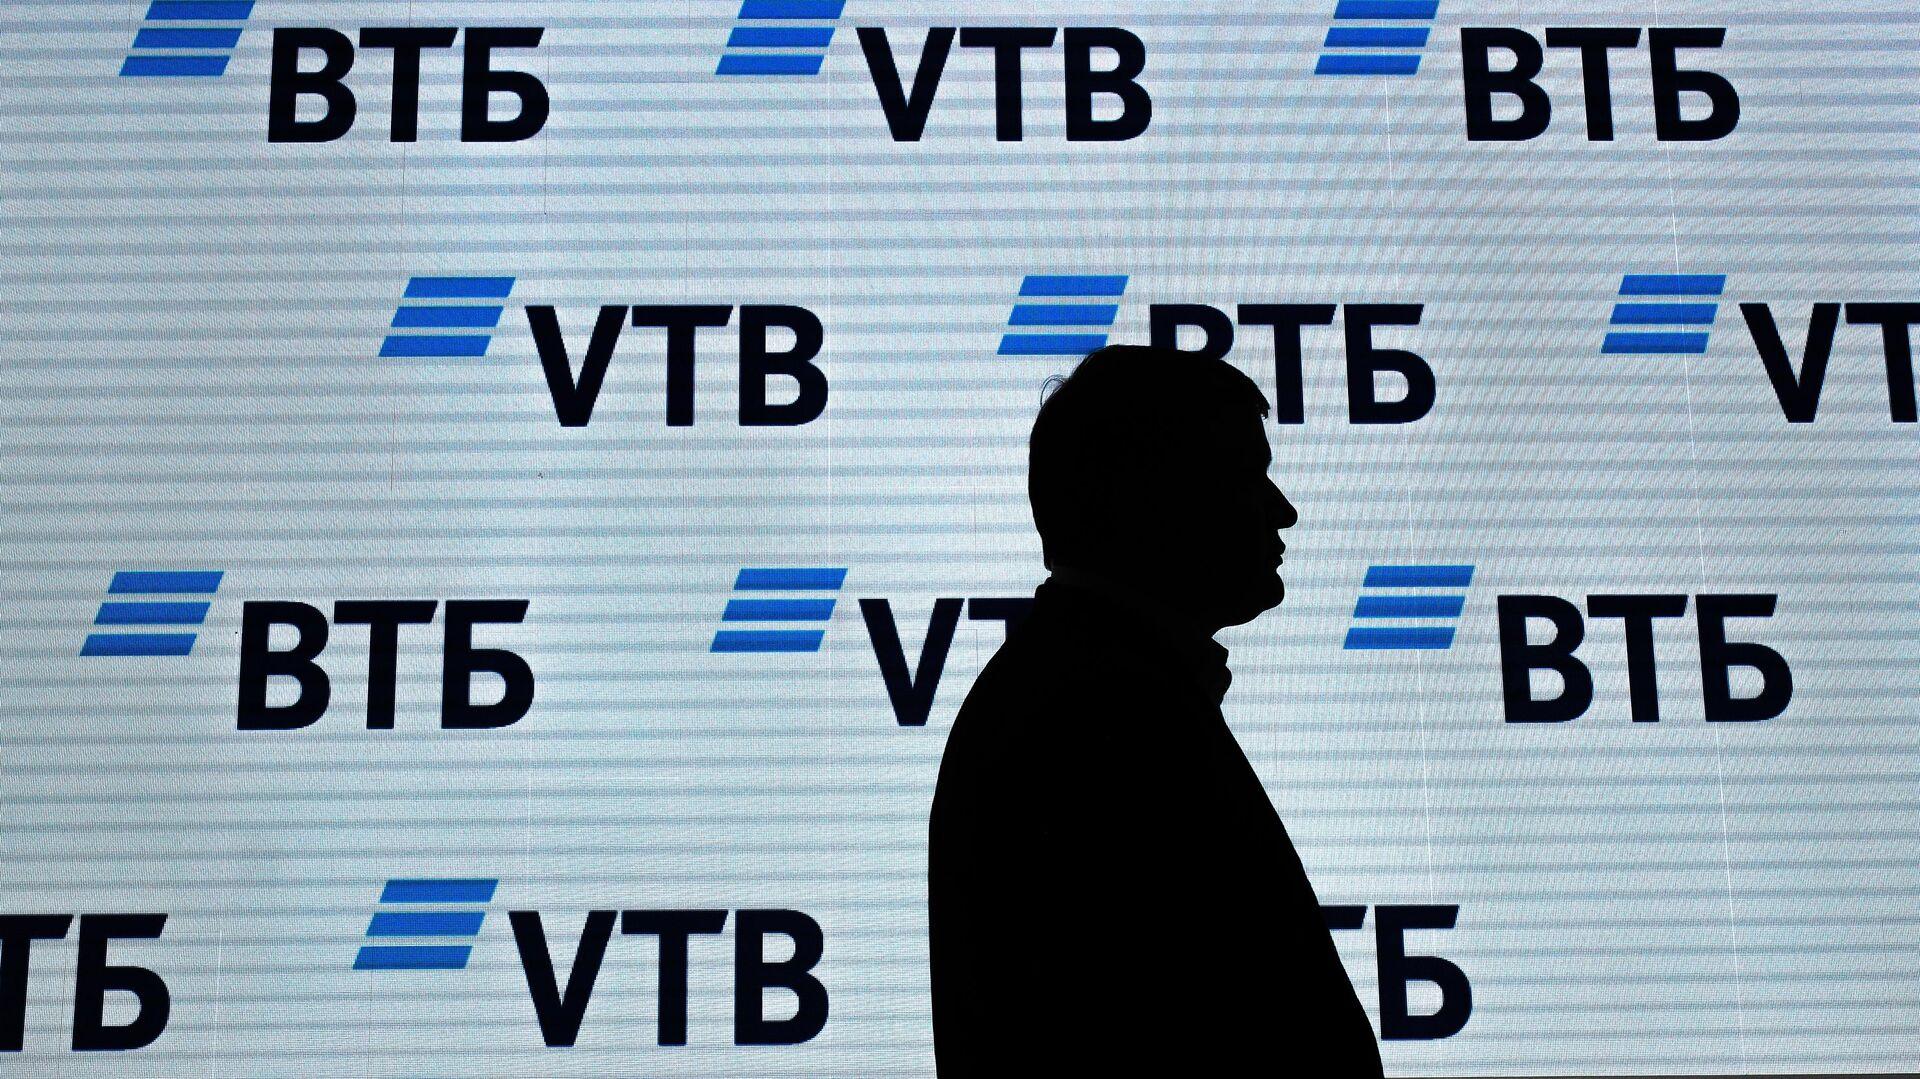 Логотип банка ВТБ  - РИА Новости, 1920, 05.08.2021